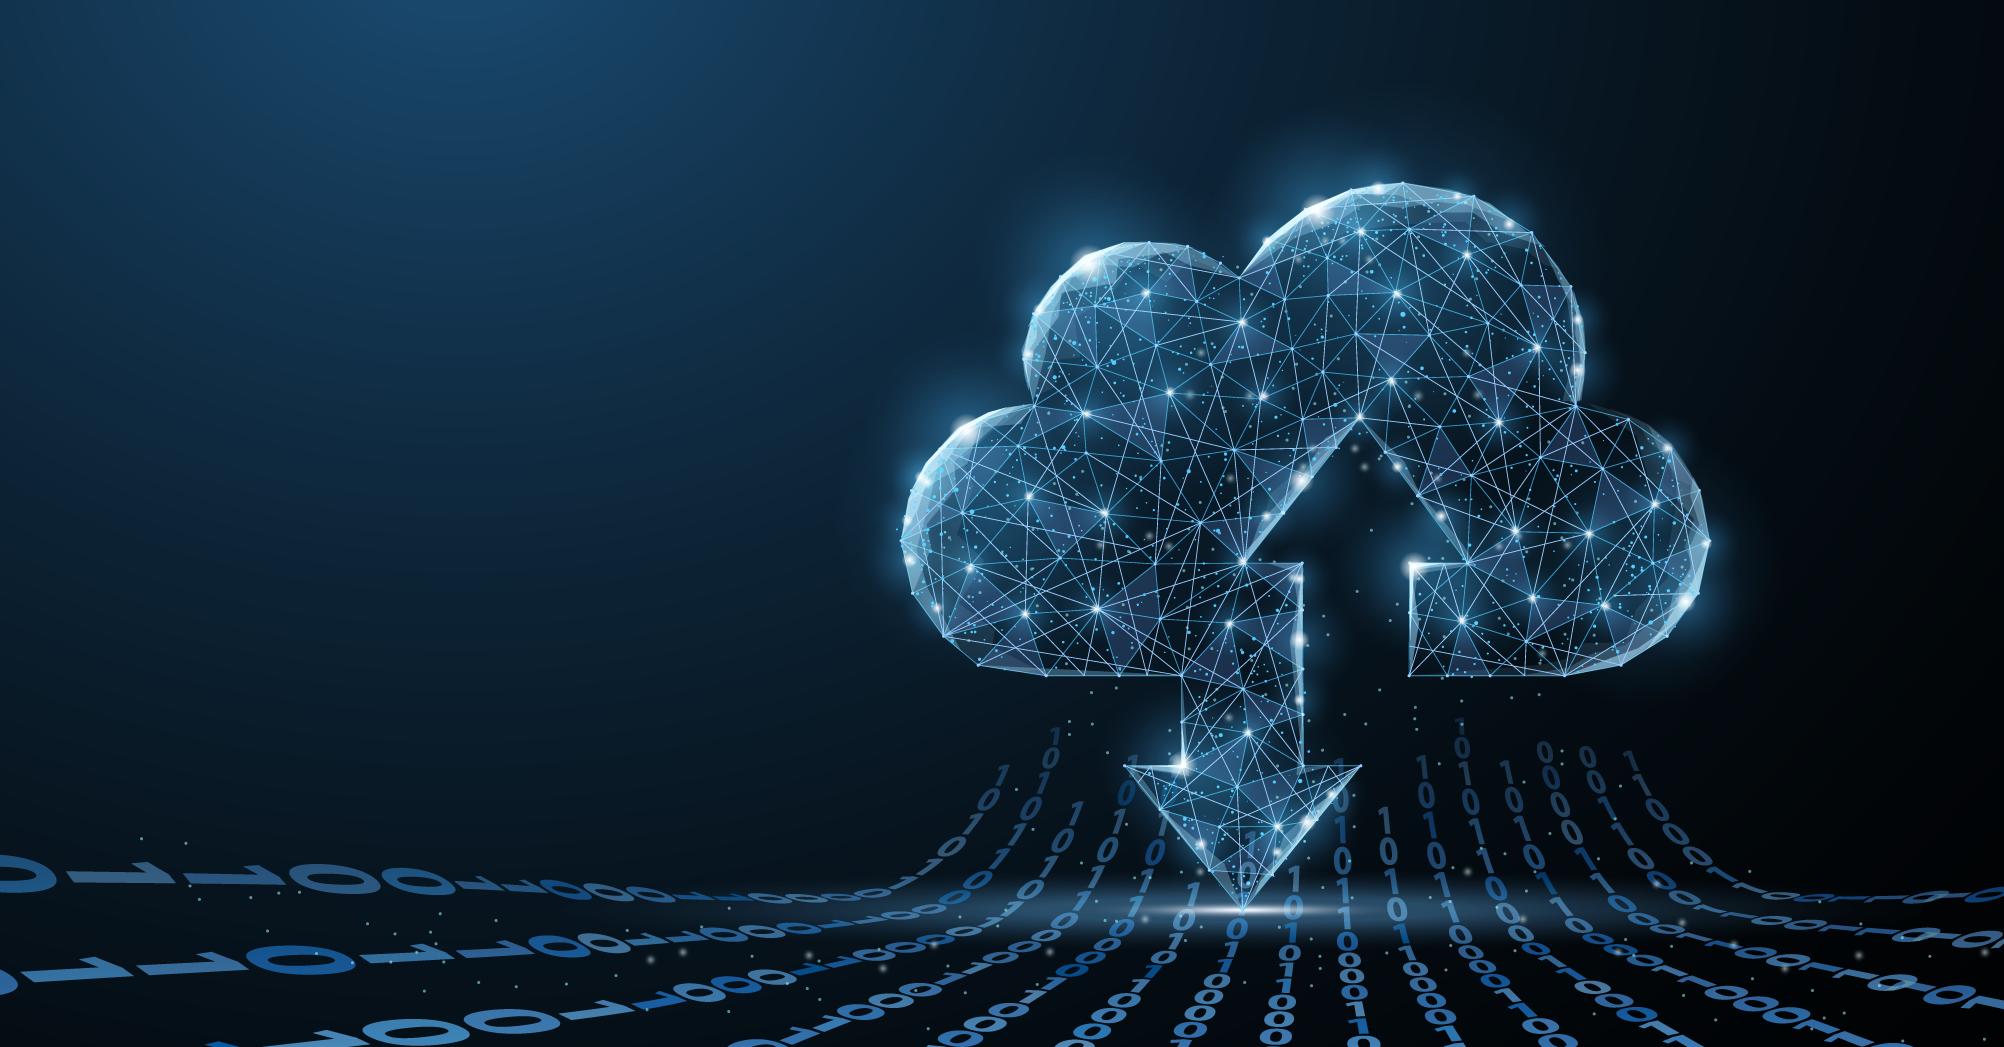 Priemyselný IoT potvrdzuje, že najcennejšou komoditou podnikov sú dáta